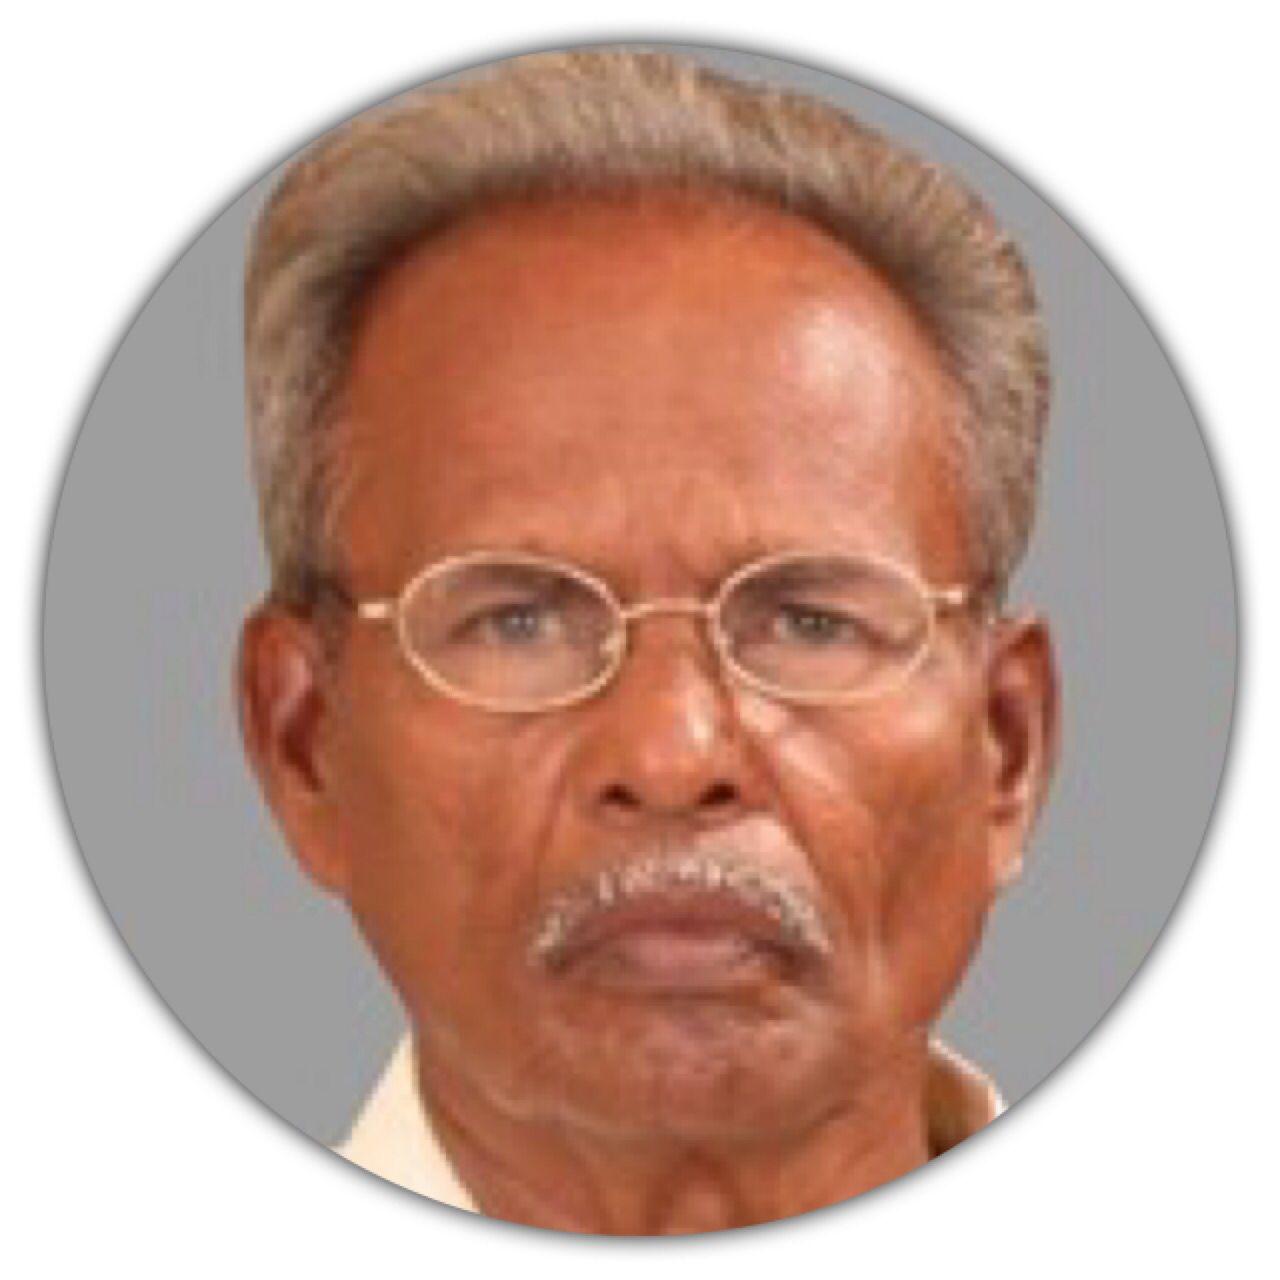 திரு. ஏகாம்பரம் செல்லப்பா